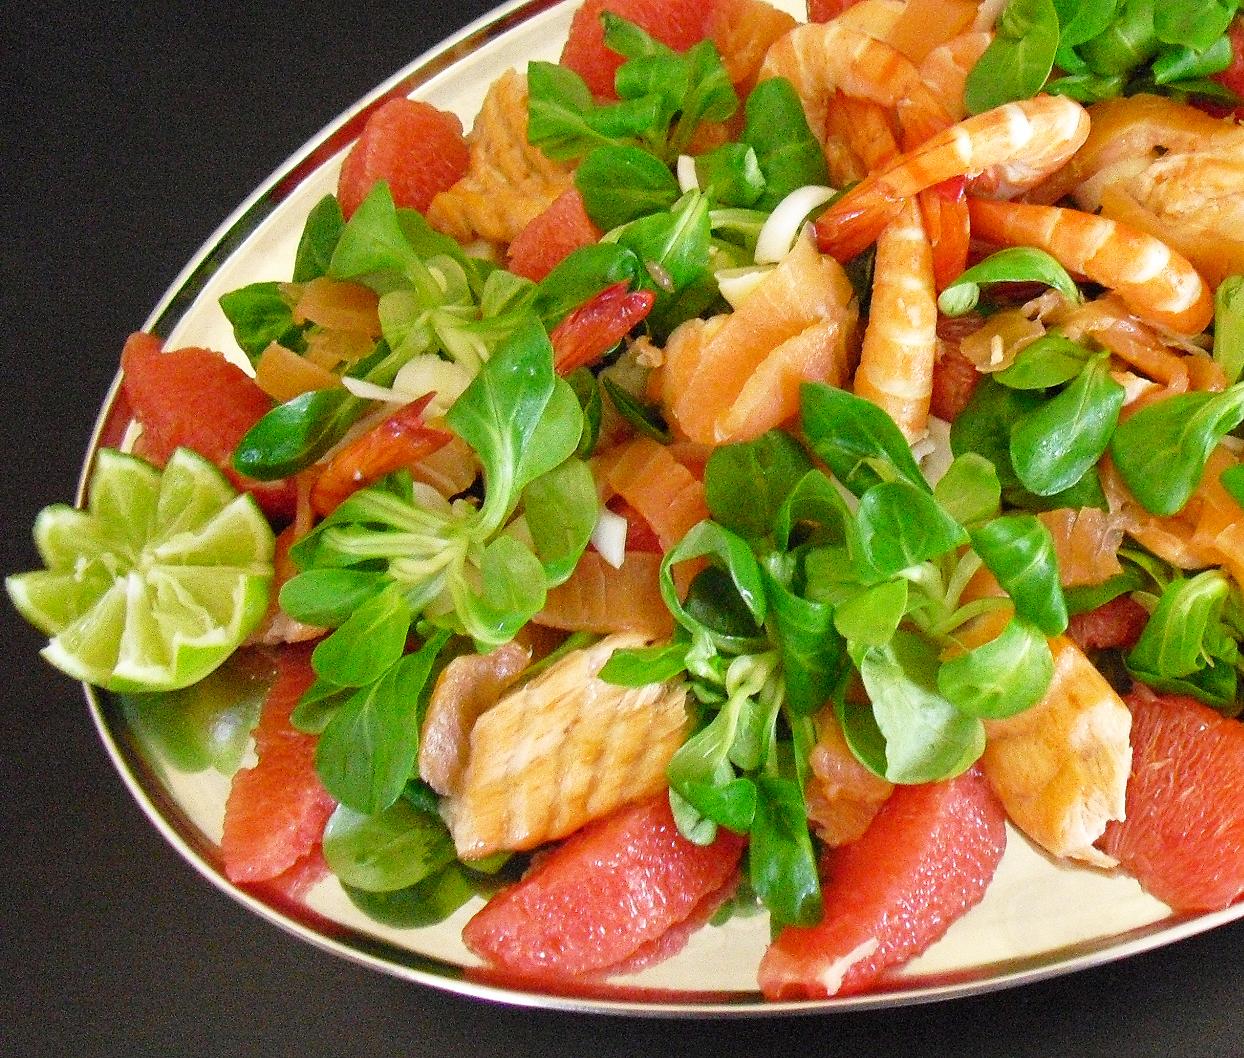 Salade saumon crevettes pamplemousse la recette facile for Salade entree originale